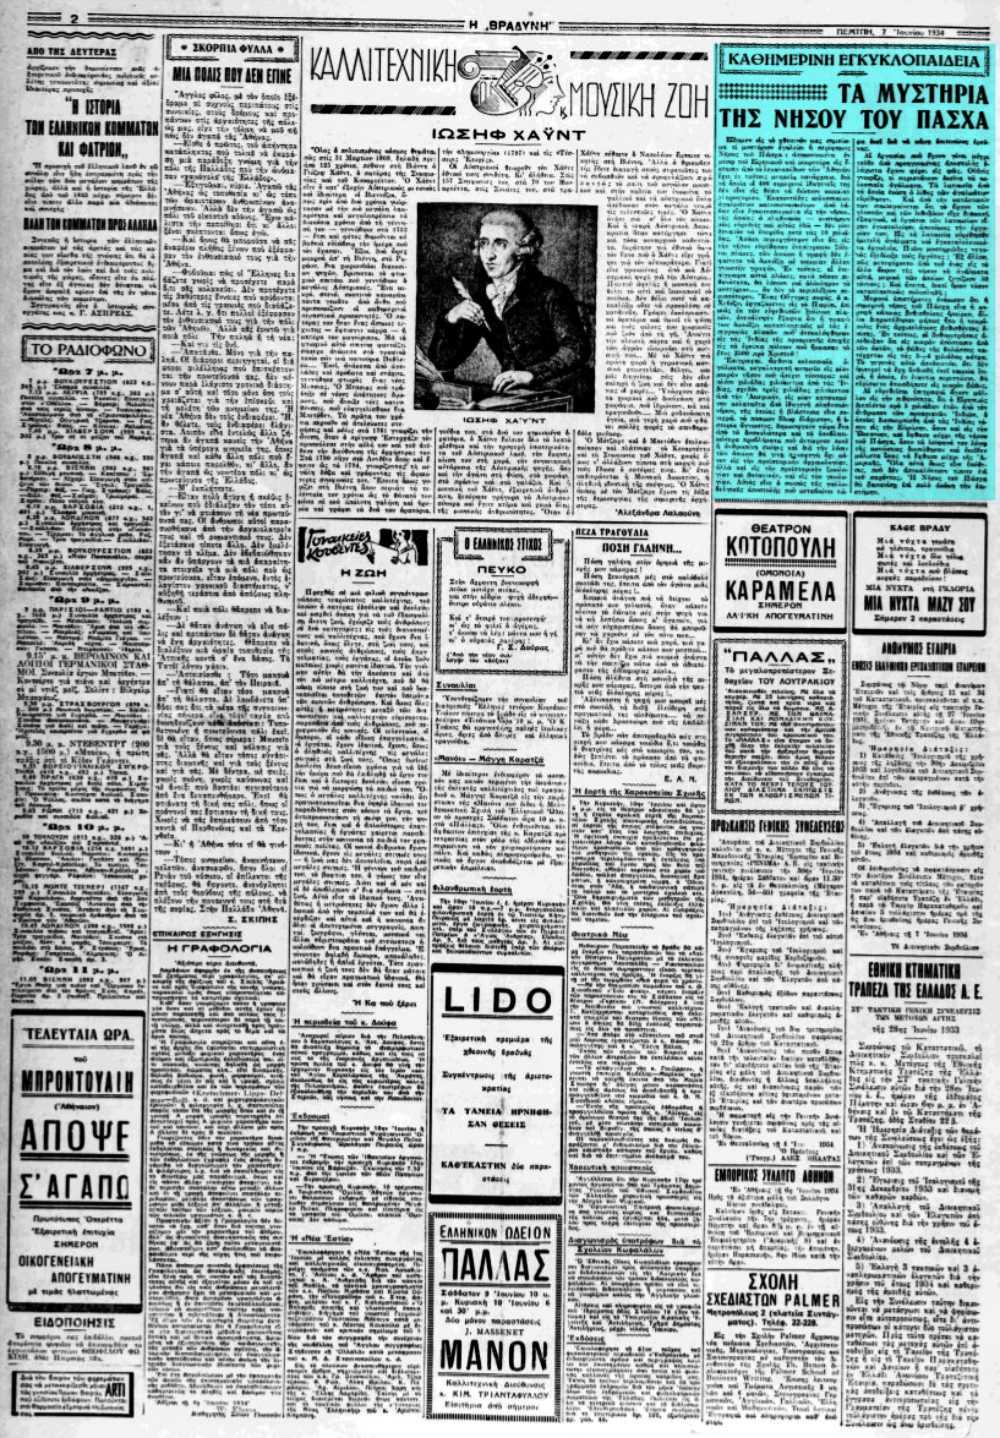 """Το άρθρο, όπως δημοσιεύθηκε στην εφημερίδα """"Η ΒΡΑΔΥΝΗ"""", στις 07/06/1934"""